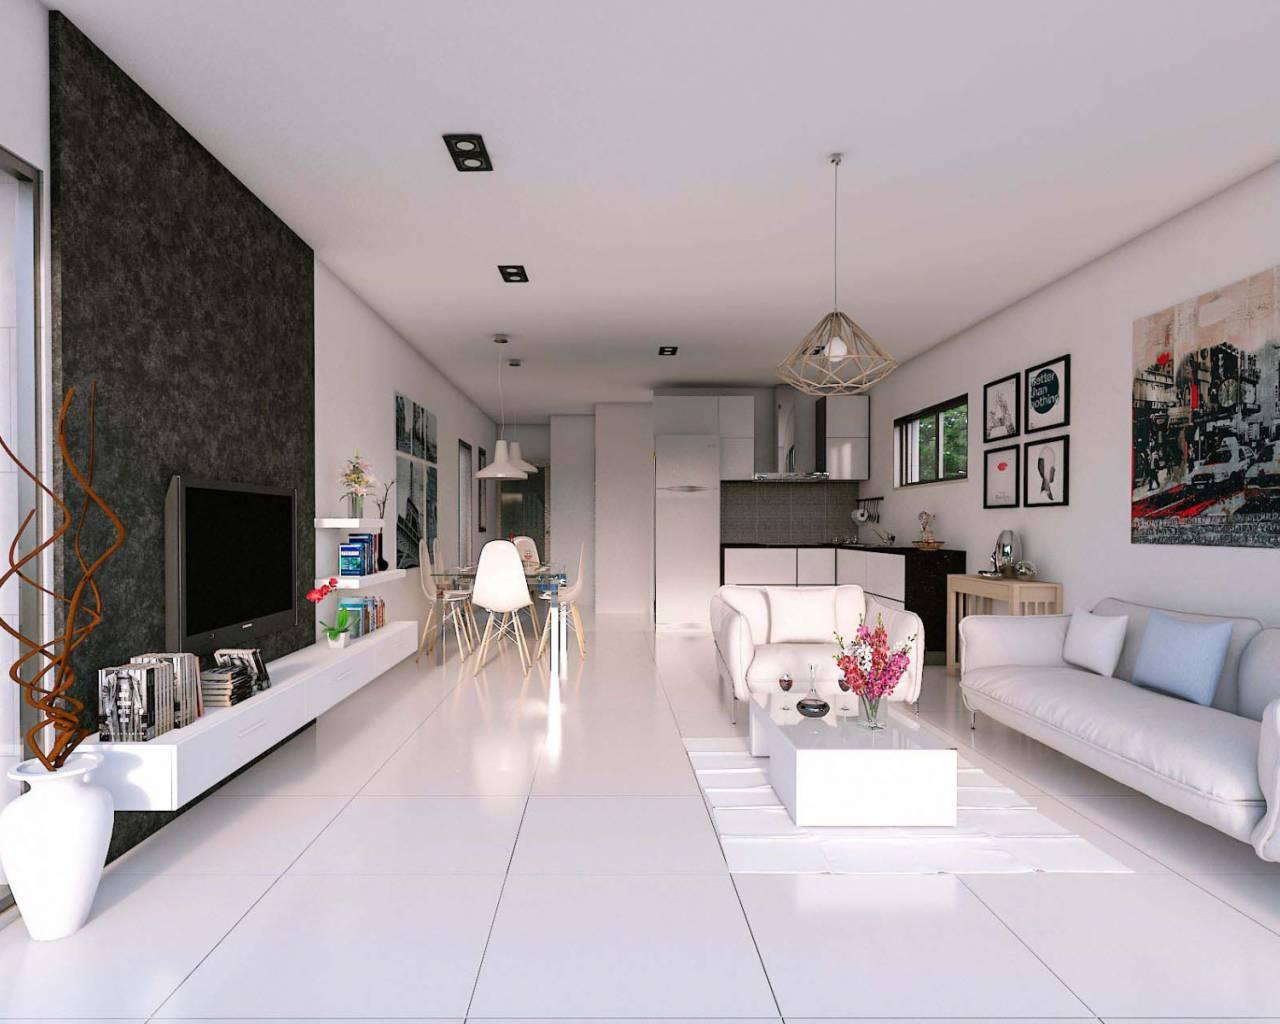 nieuwbouw-vrijstaande-villa-los-alcazares_5141_xl